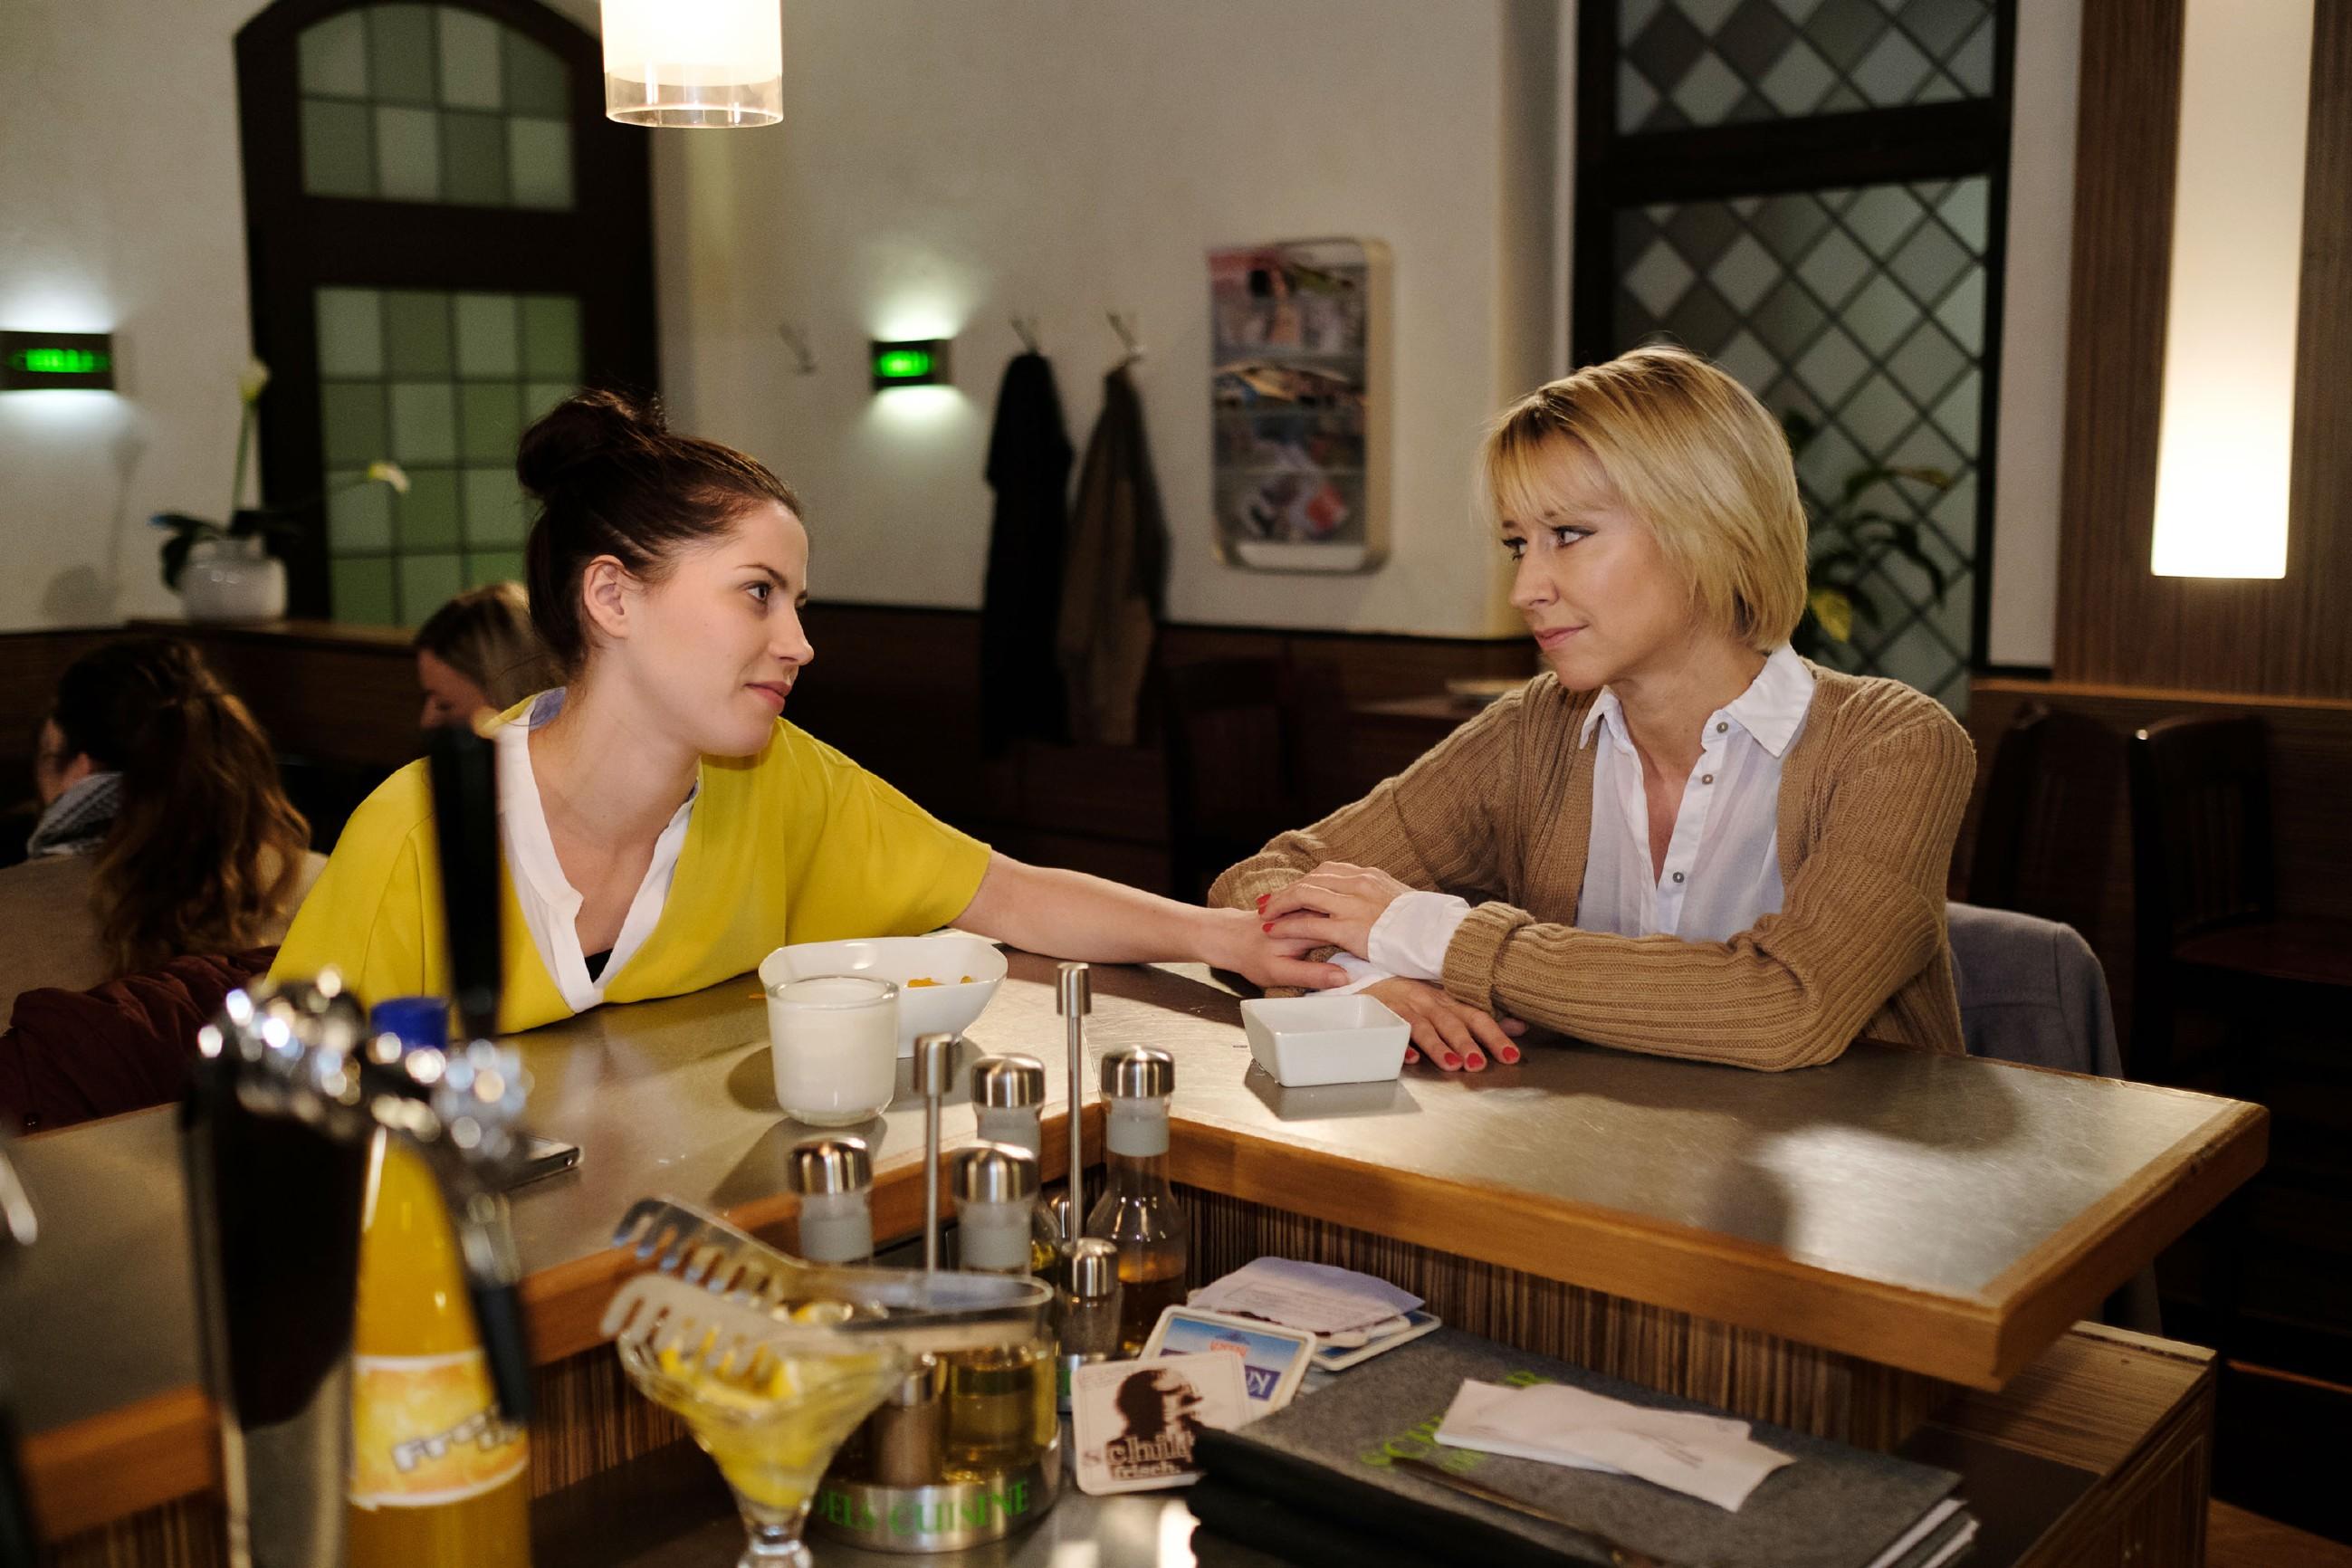 Ute (Isabell Hertel, r.) gibt Sina (Valea Katharina Scalabrino) gegenüber zu, dass sie sich noch nicht bereit für die Geburt fühlt. (Quelle: RTL / Stefan Behrens)